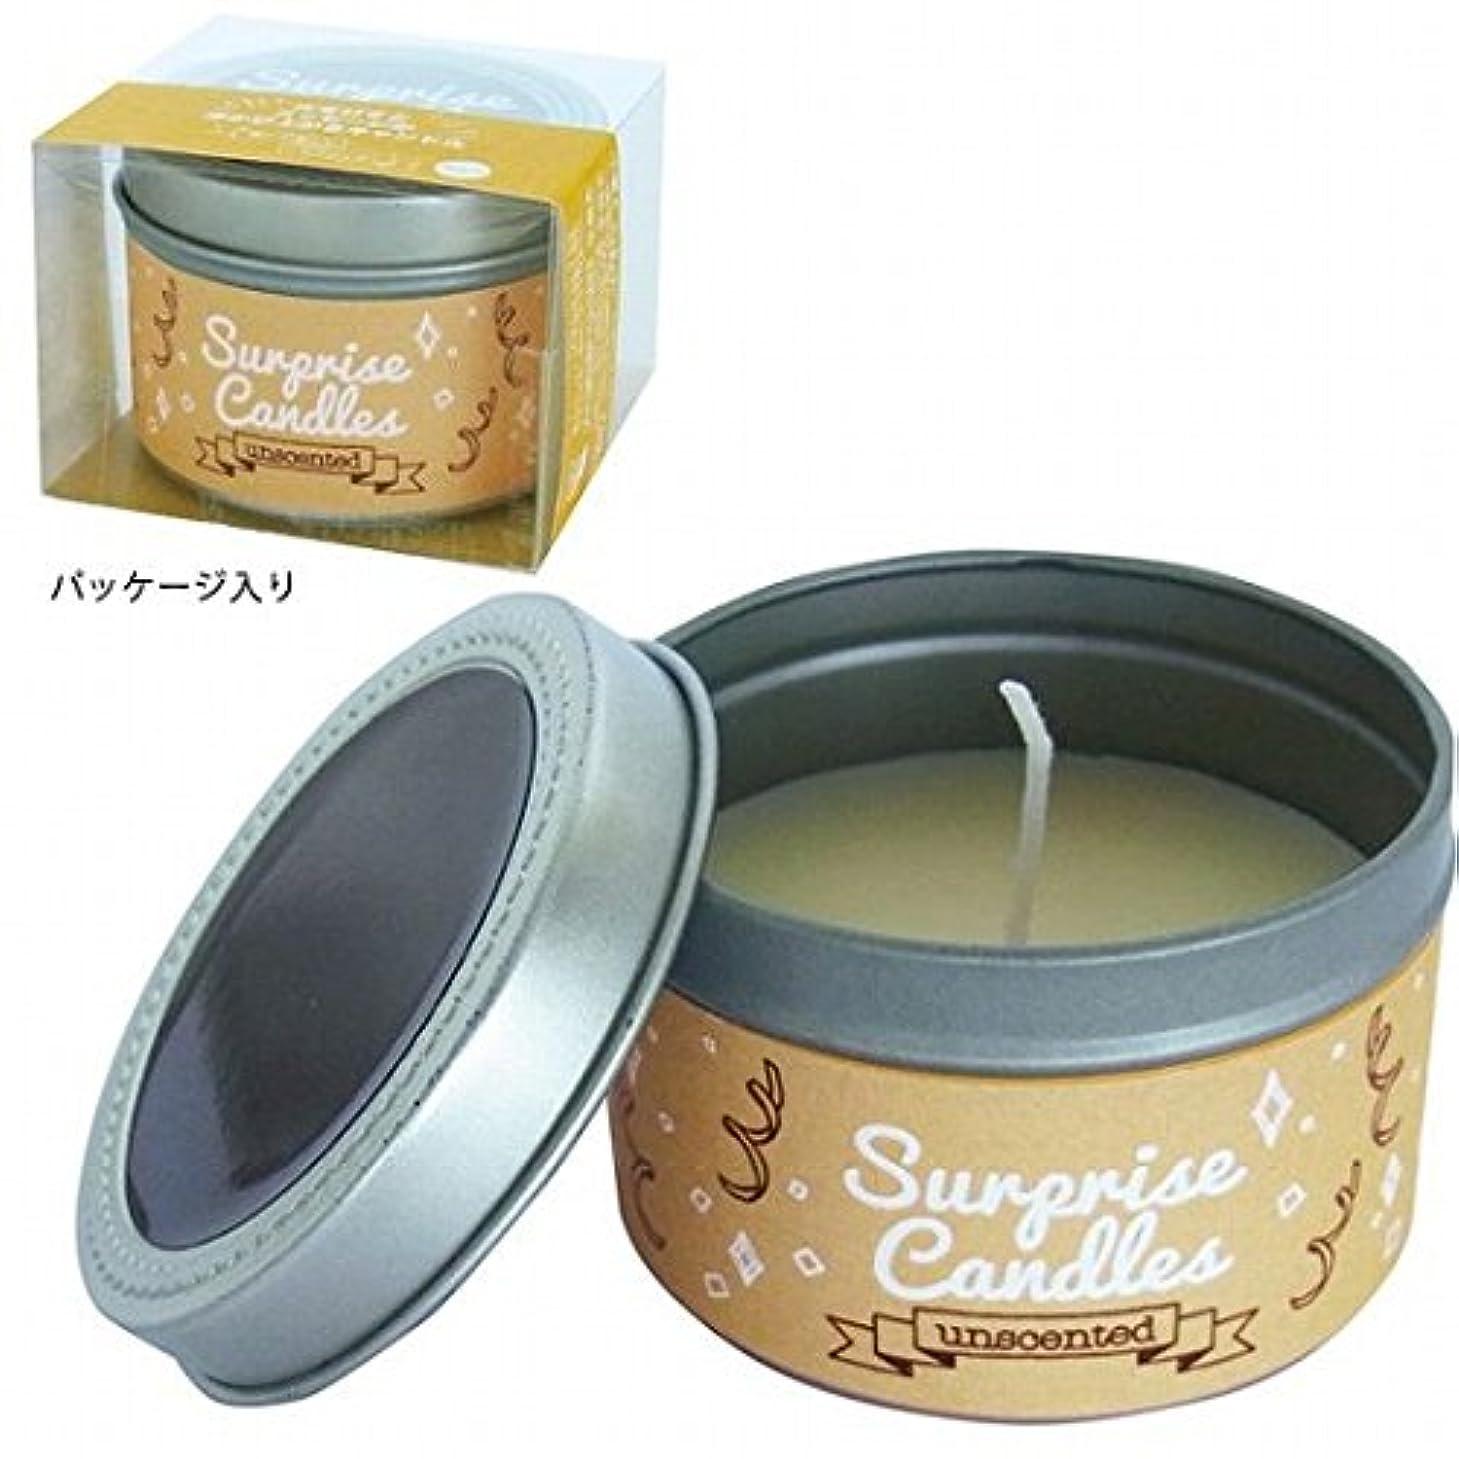 油ティーム寄稿者kameyama candle(カメヤマキャンドル) サプライズキャンドル 「無香」(A207005010)